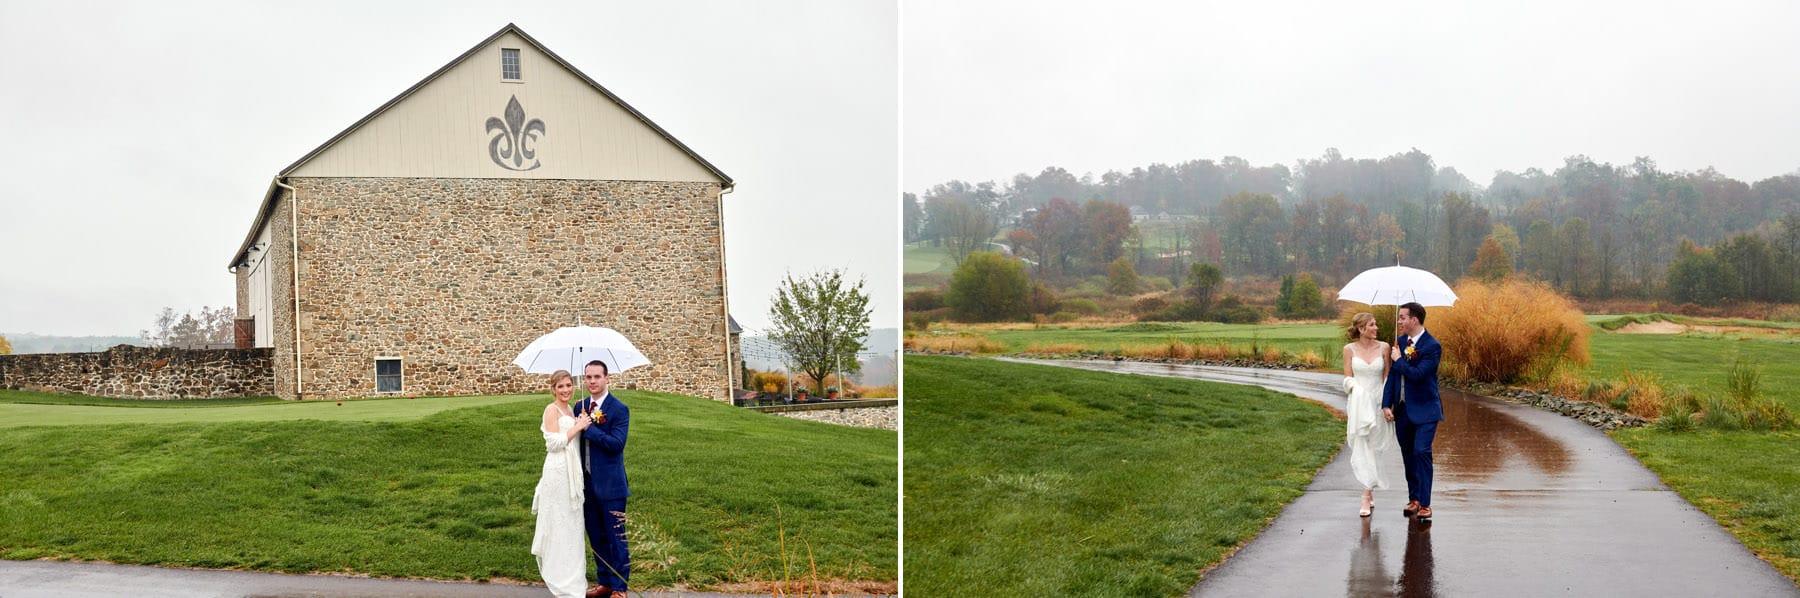 French Creek Golf Club wedding